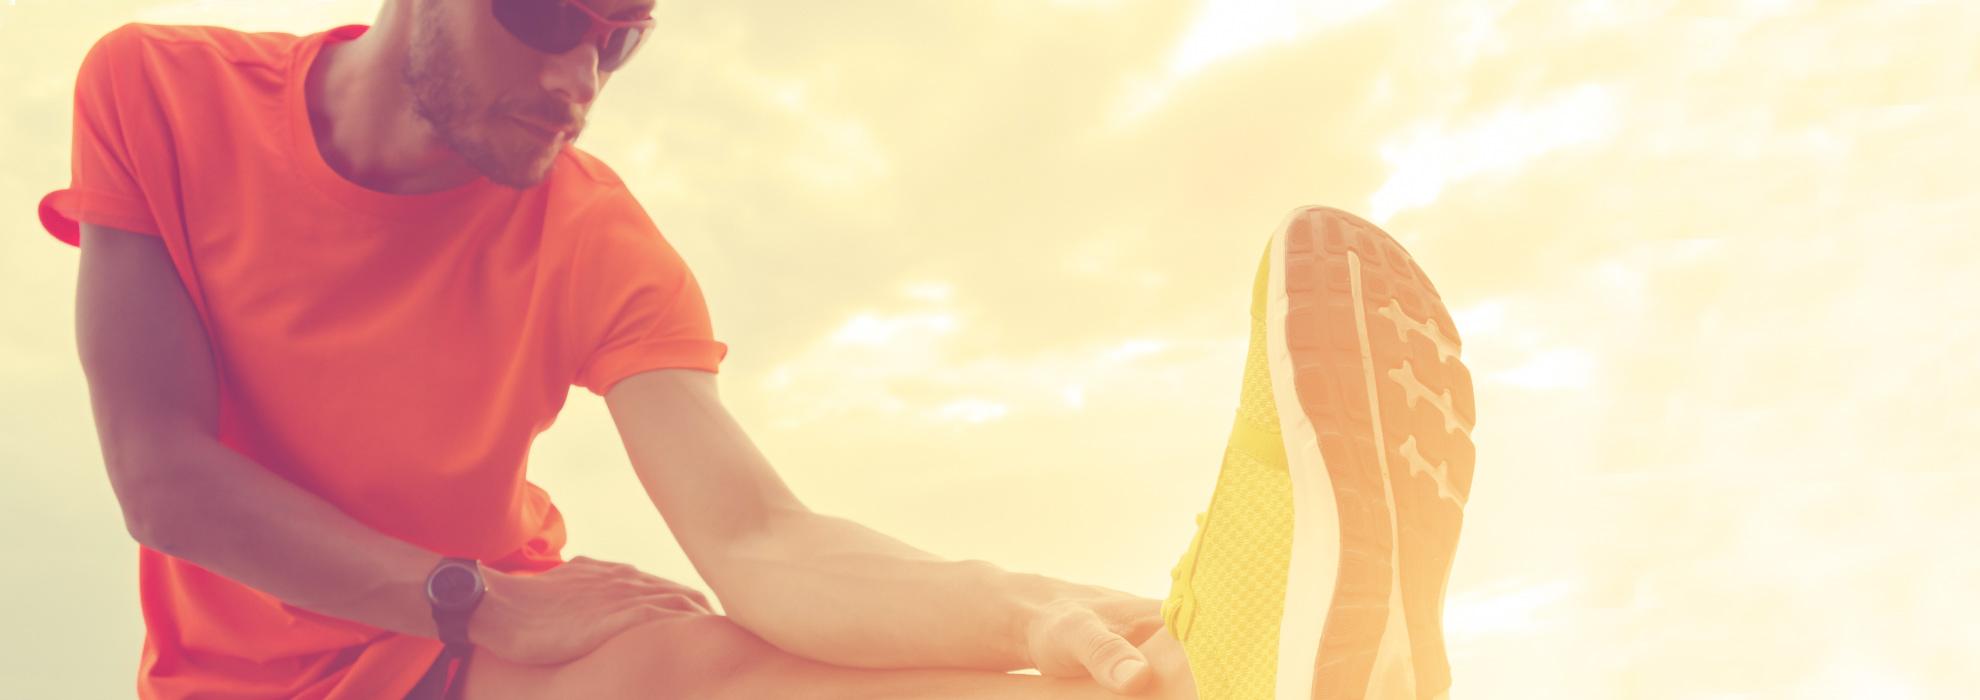 Quali sono le migliori scarpe da running online off73 - Quali sono i migliori sanitari bagno ...